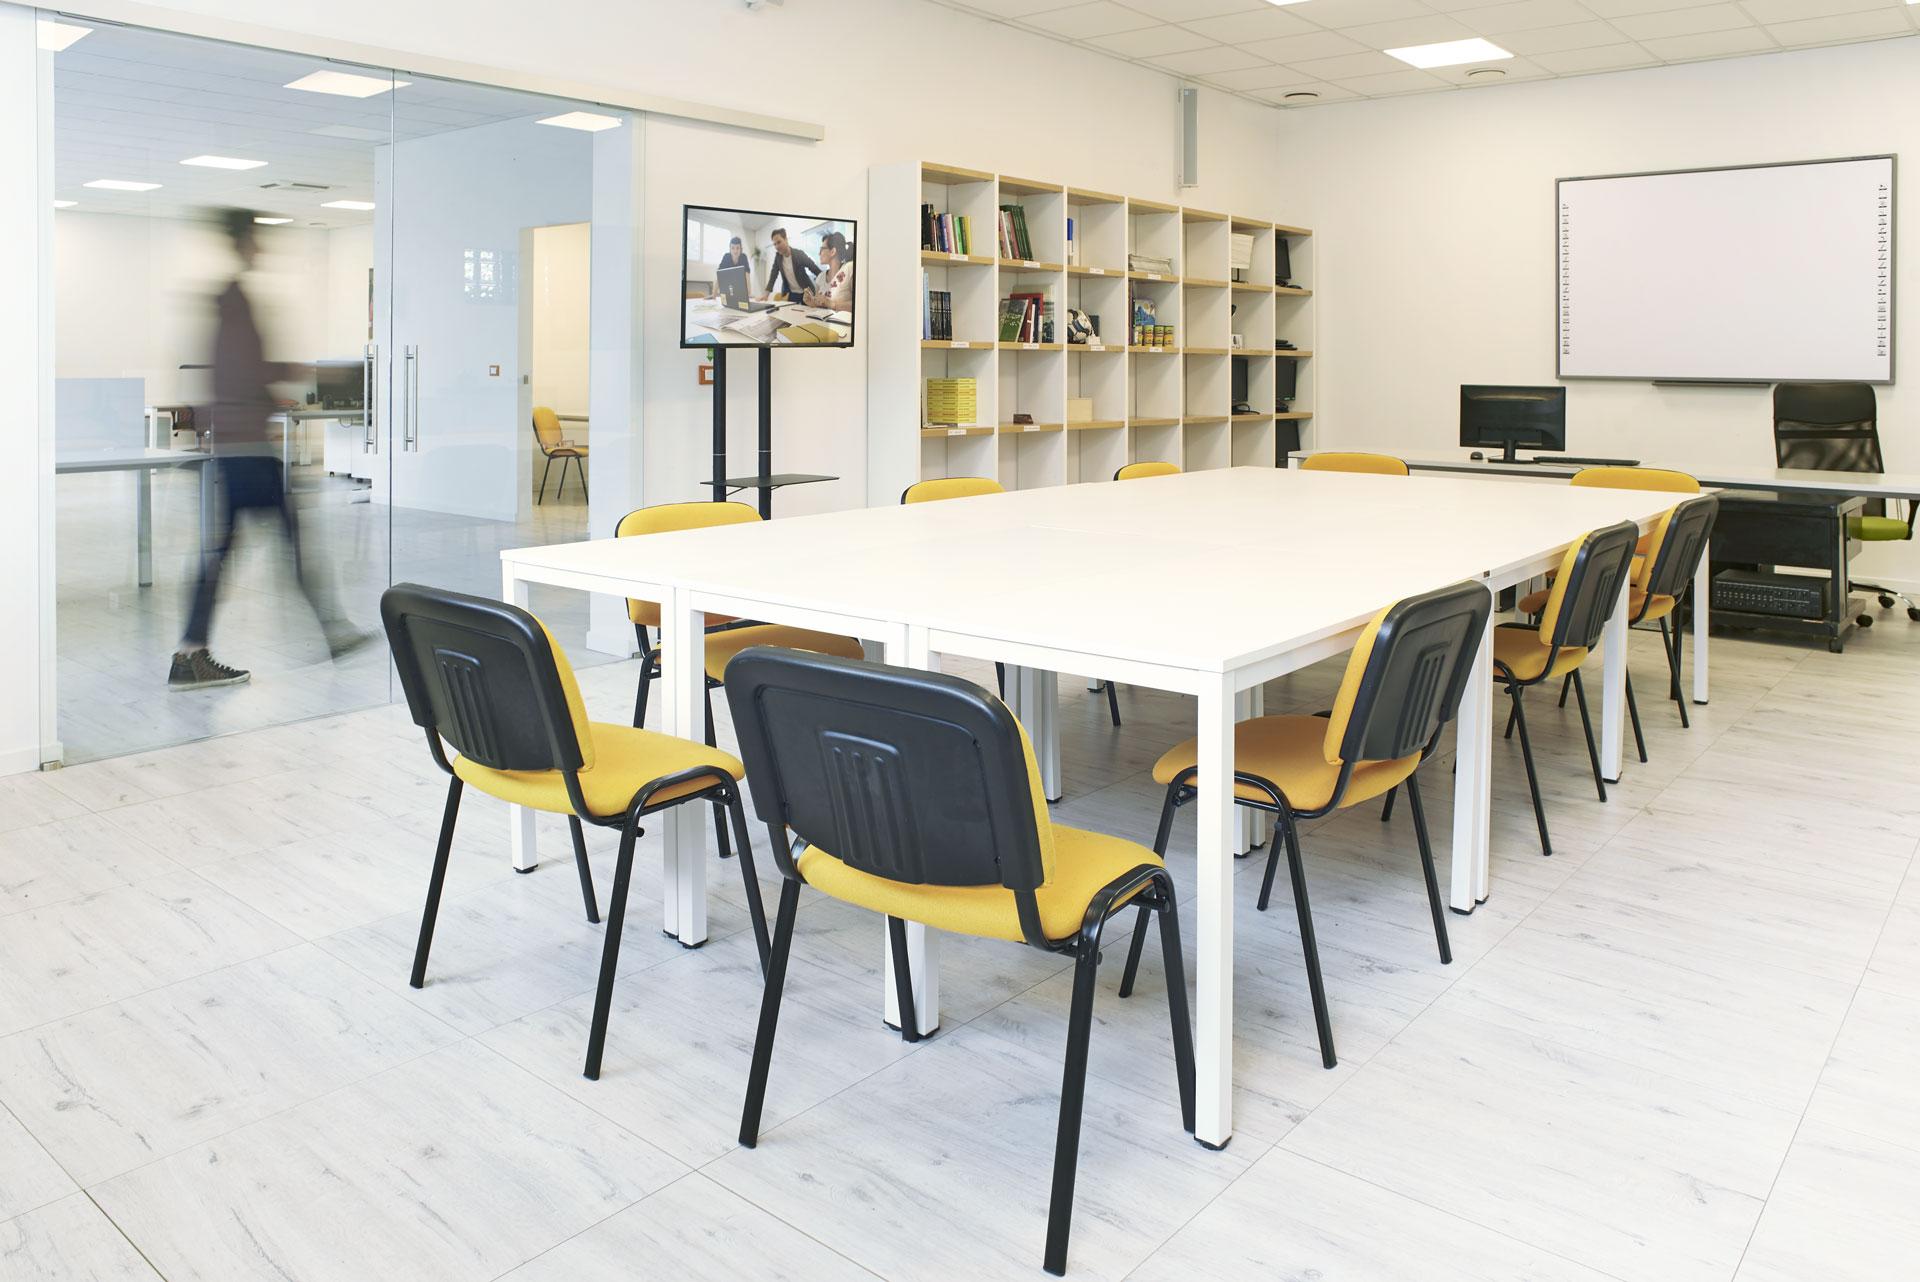 Sala Riunioni allestita per incontro con tavolo centrale, sedie e televisore